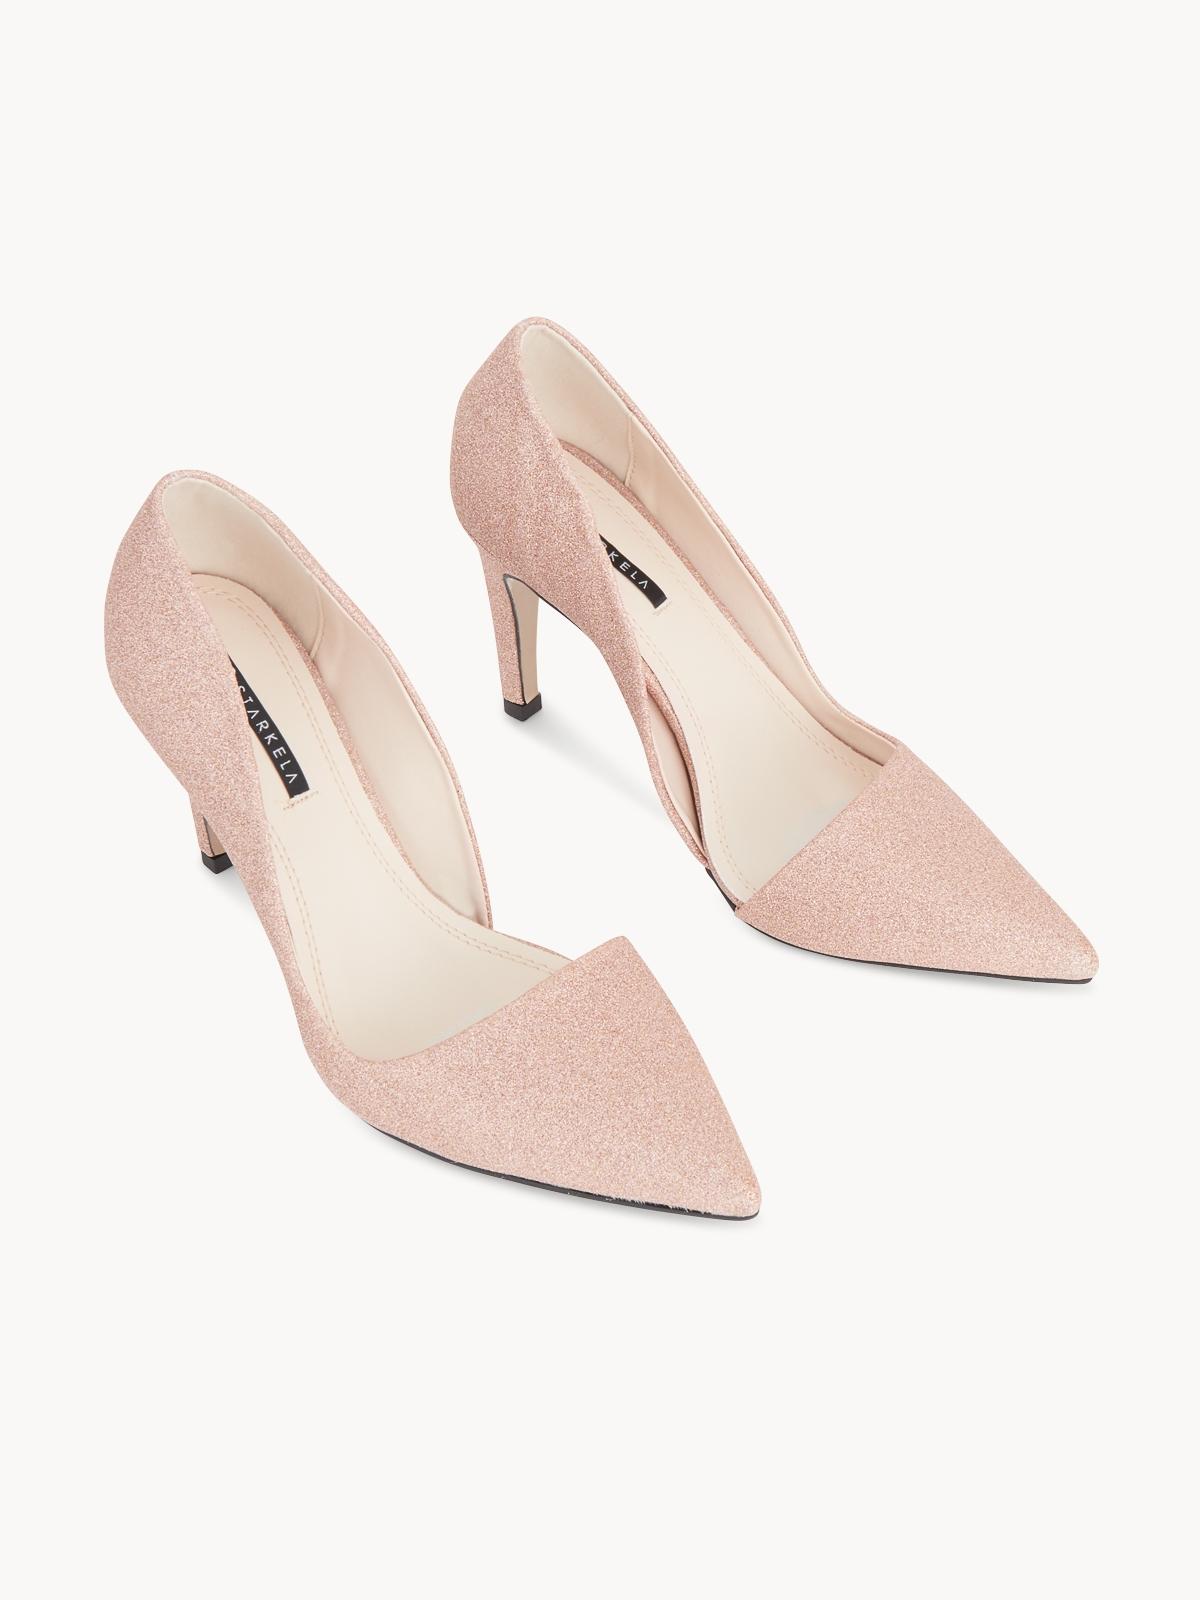 Starkela Pointed High Heels Pink